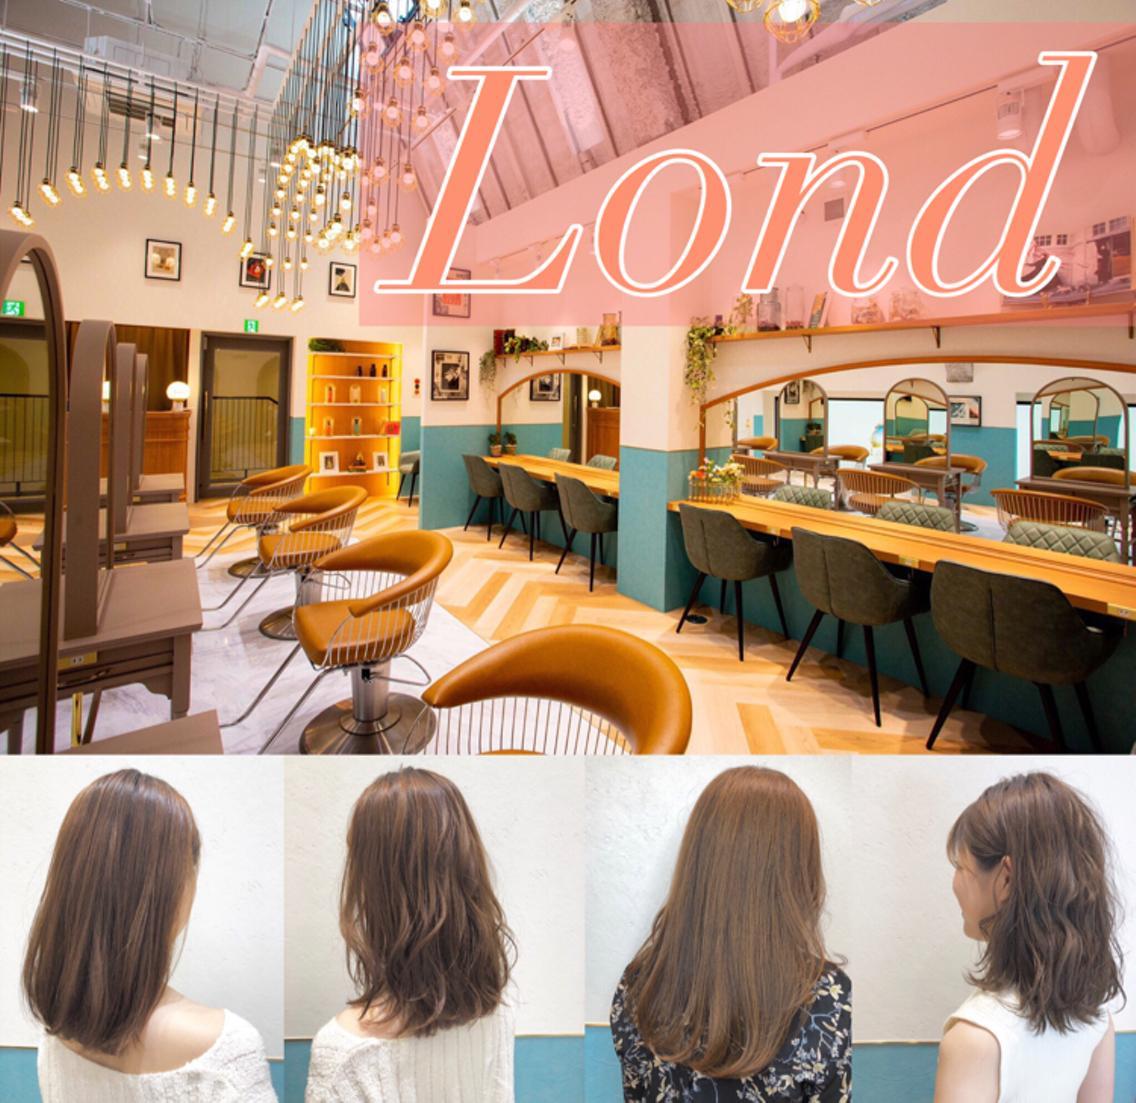 🌸当日予約OK🌸🌈ミニモ限定カットがなんと4000円🌈必ず素敵な髪型にします‼️ホットペッパービューティーアワード3年連続全国1位のLondグループが立川へ⭐️✨